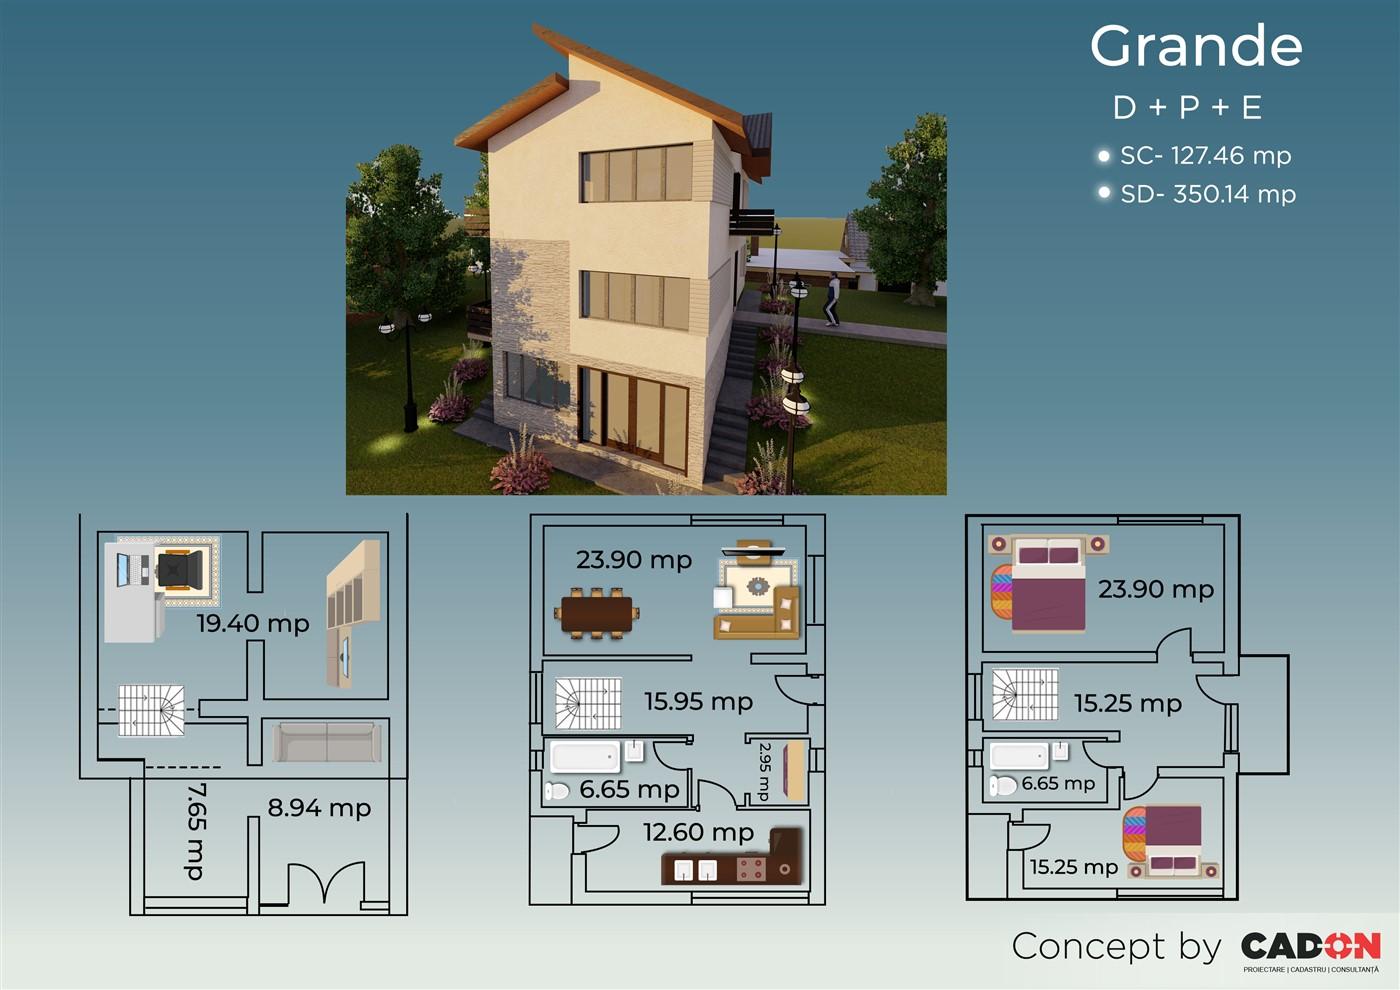 locuinta individuala, casa Grande, proiect locuinta, demisol, parter si etaj locuinta incapatoare, Cad-on.ro, curte, gradina, terasa, locuinta mare